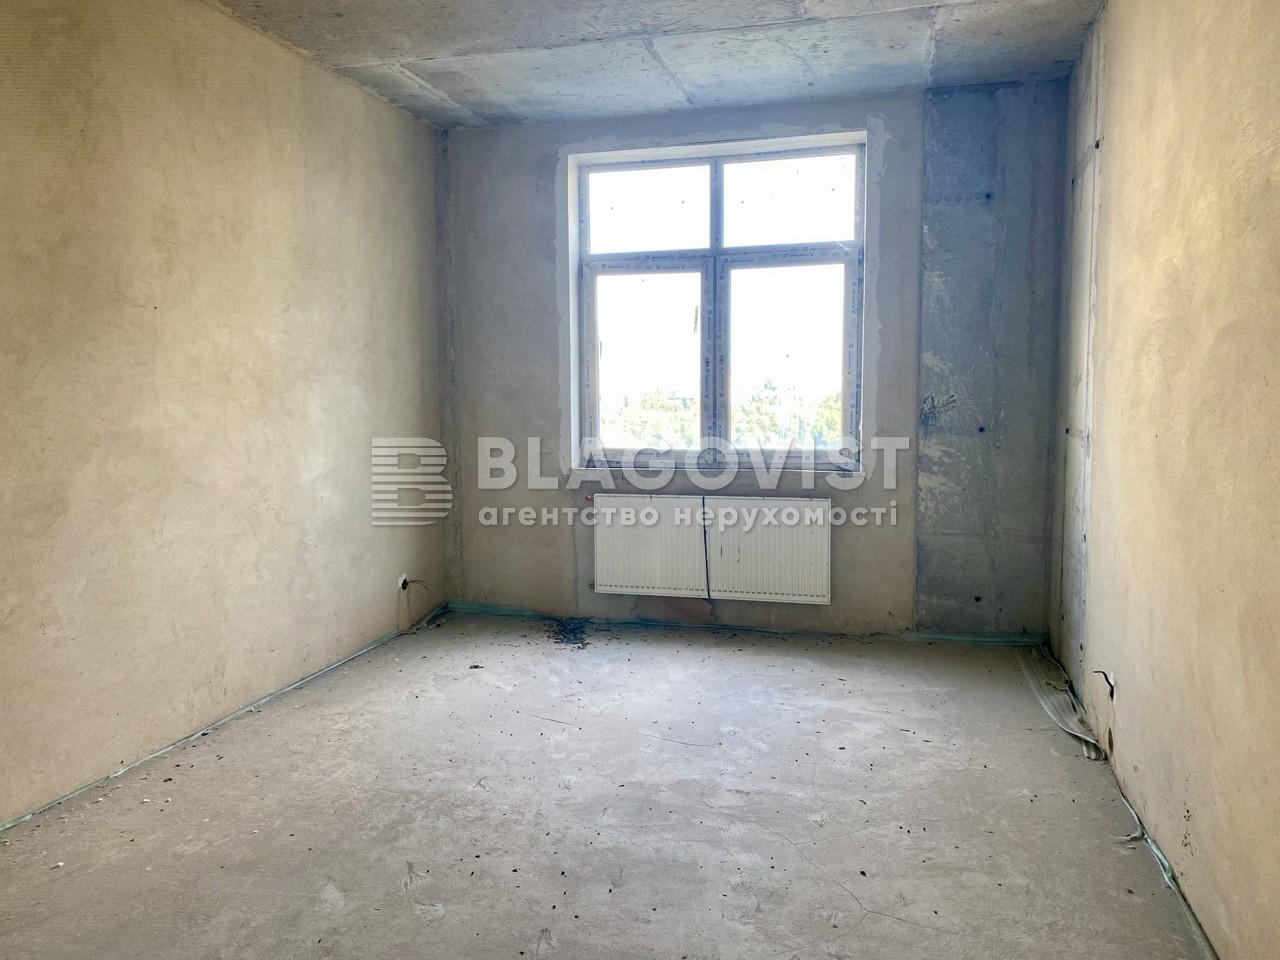 Квартира F-43287, Кудряшова, 16, Київ - Фото 10